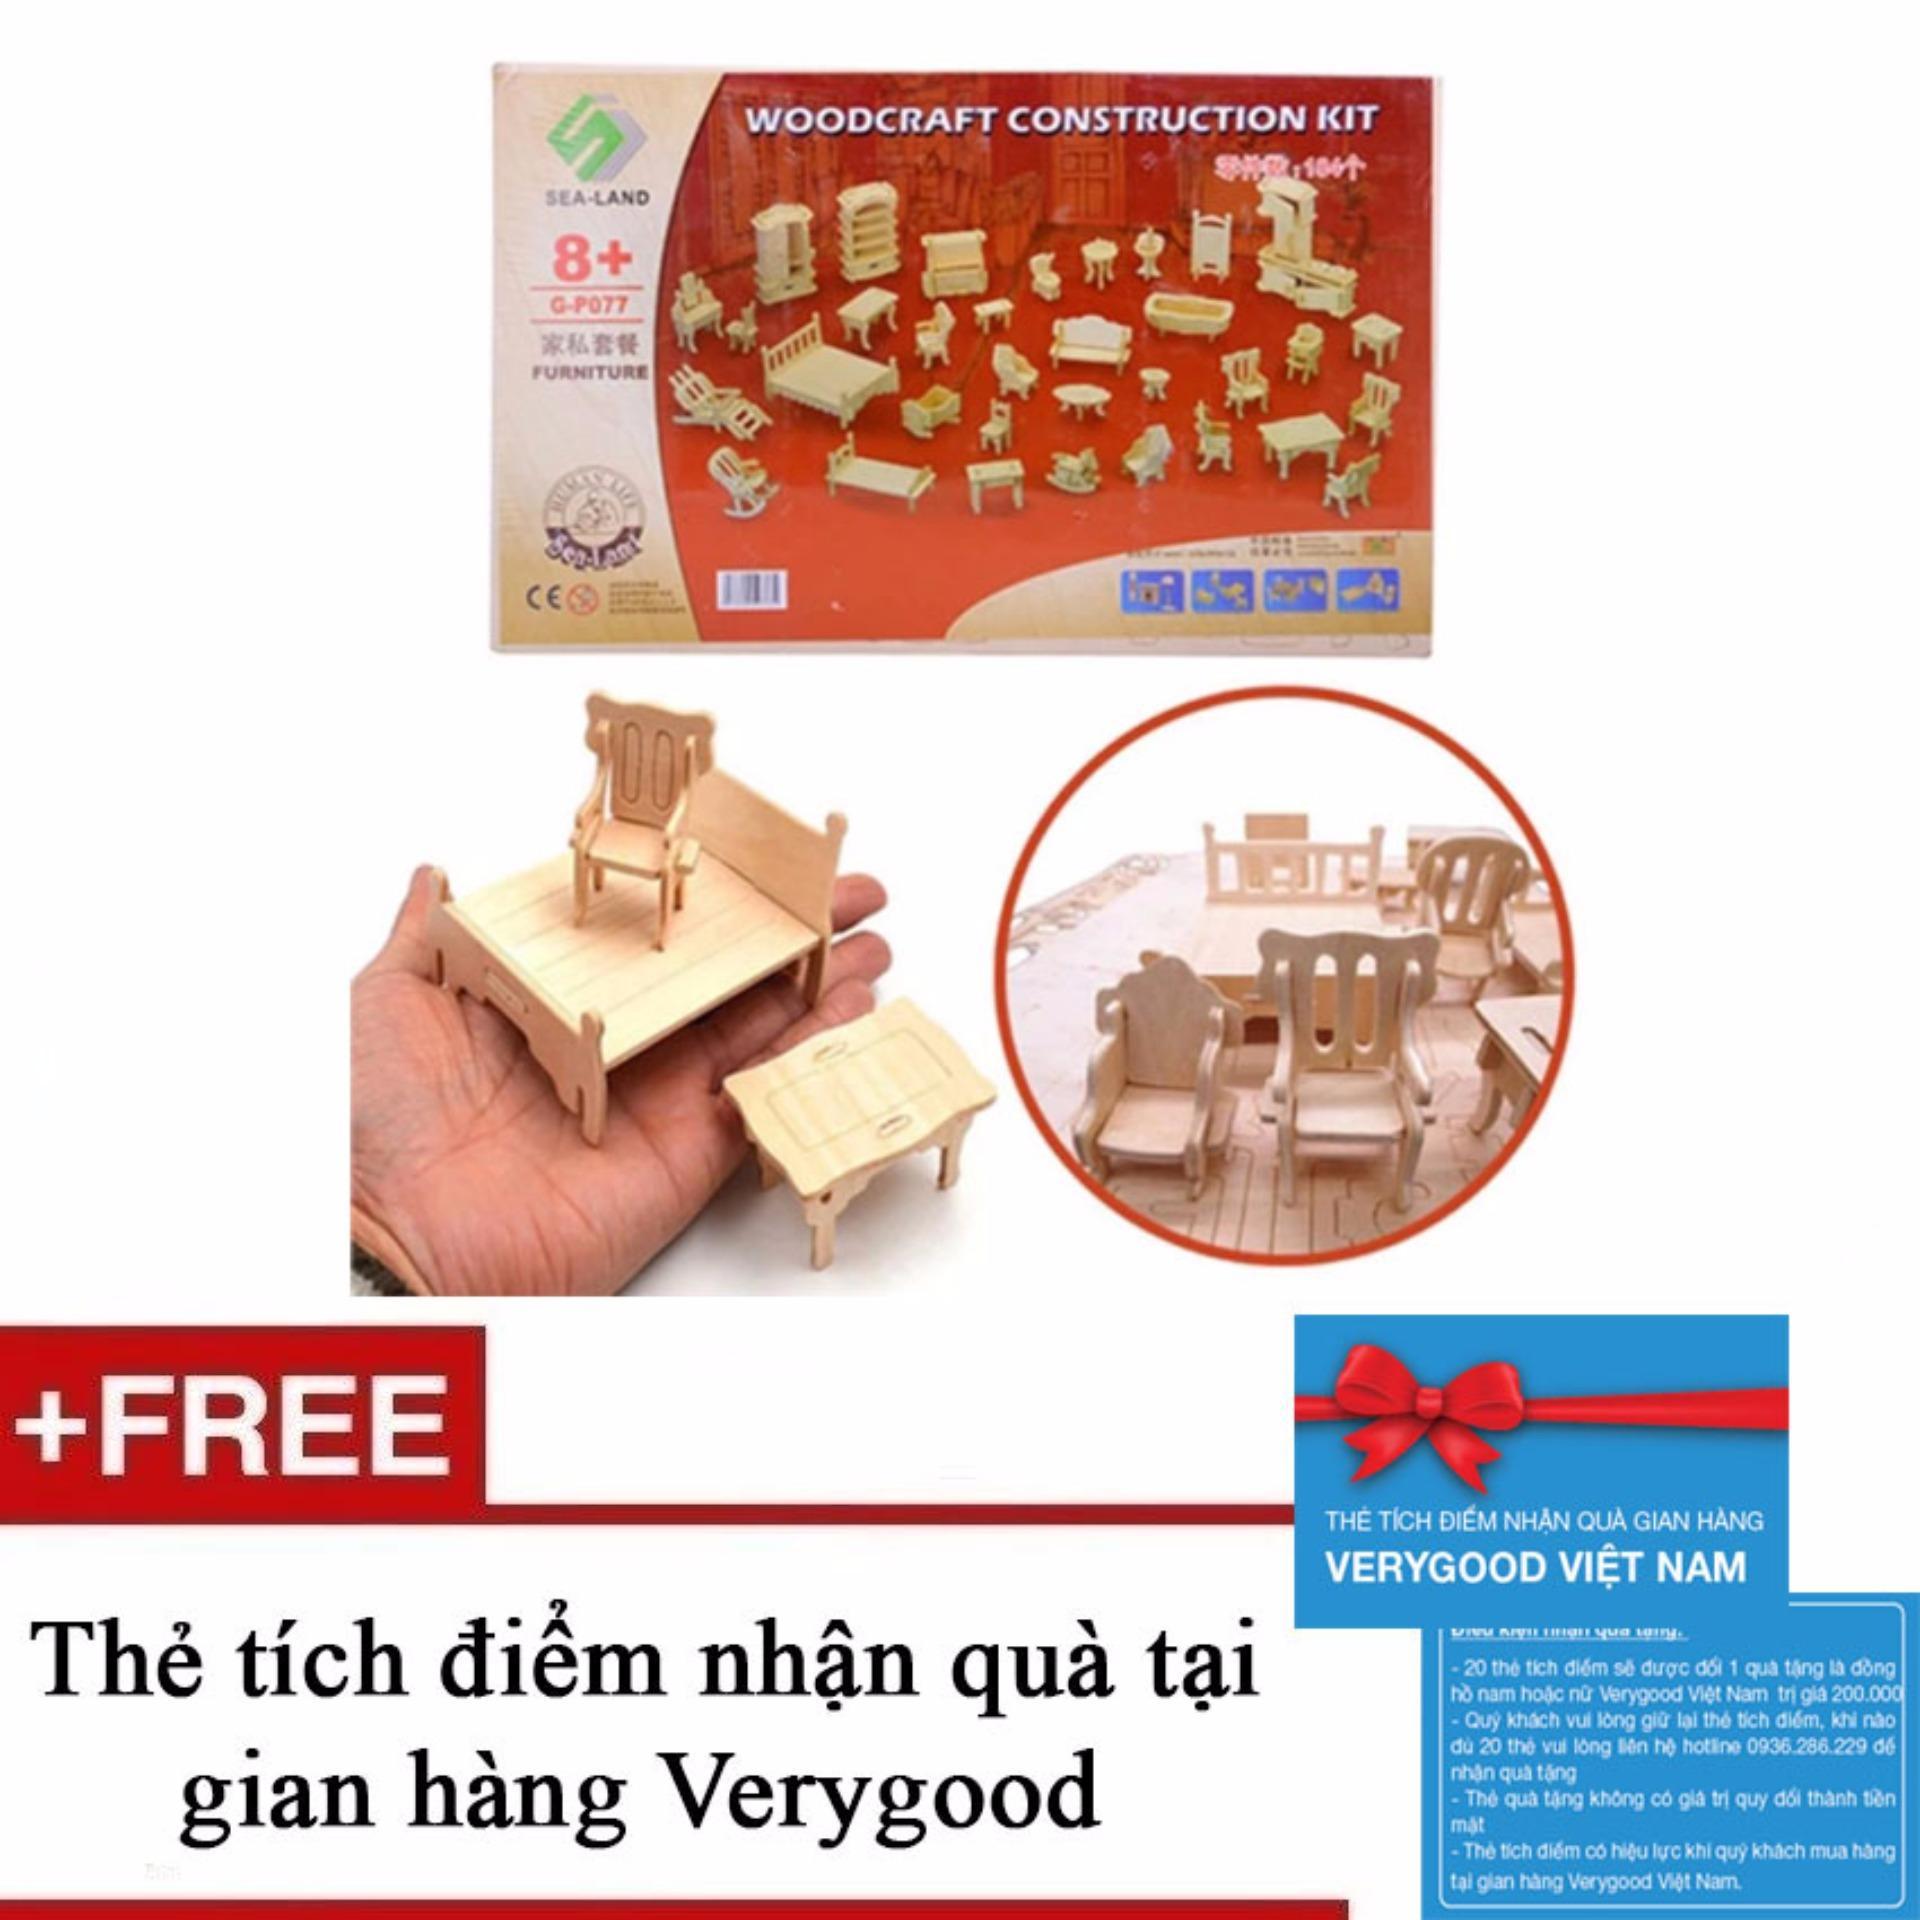 Đồ chơi ghép hình 3D bằng gỗ 184 chi tiết cho bé + Tặng kèm 1 thẻ tích điểm nhận quà tại gian hàng Verygood